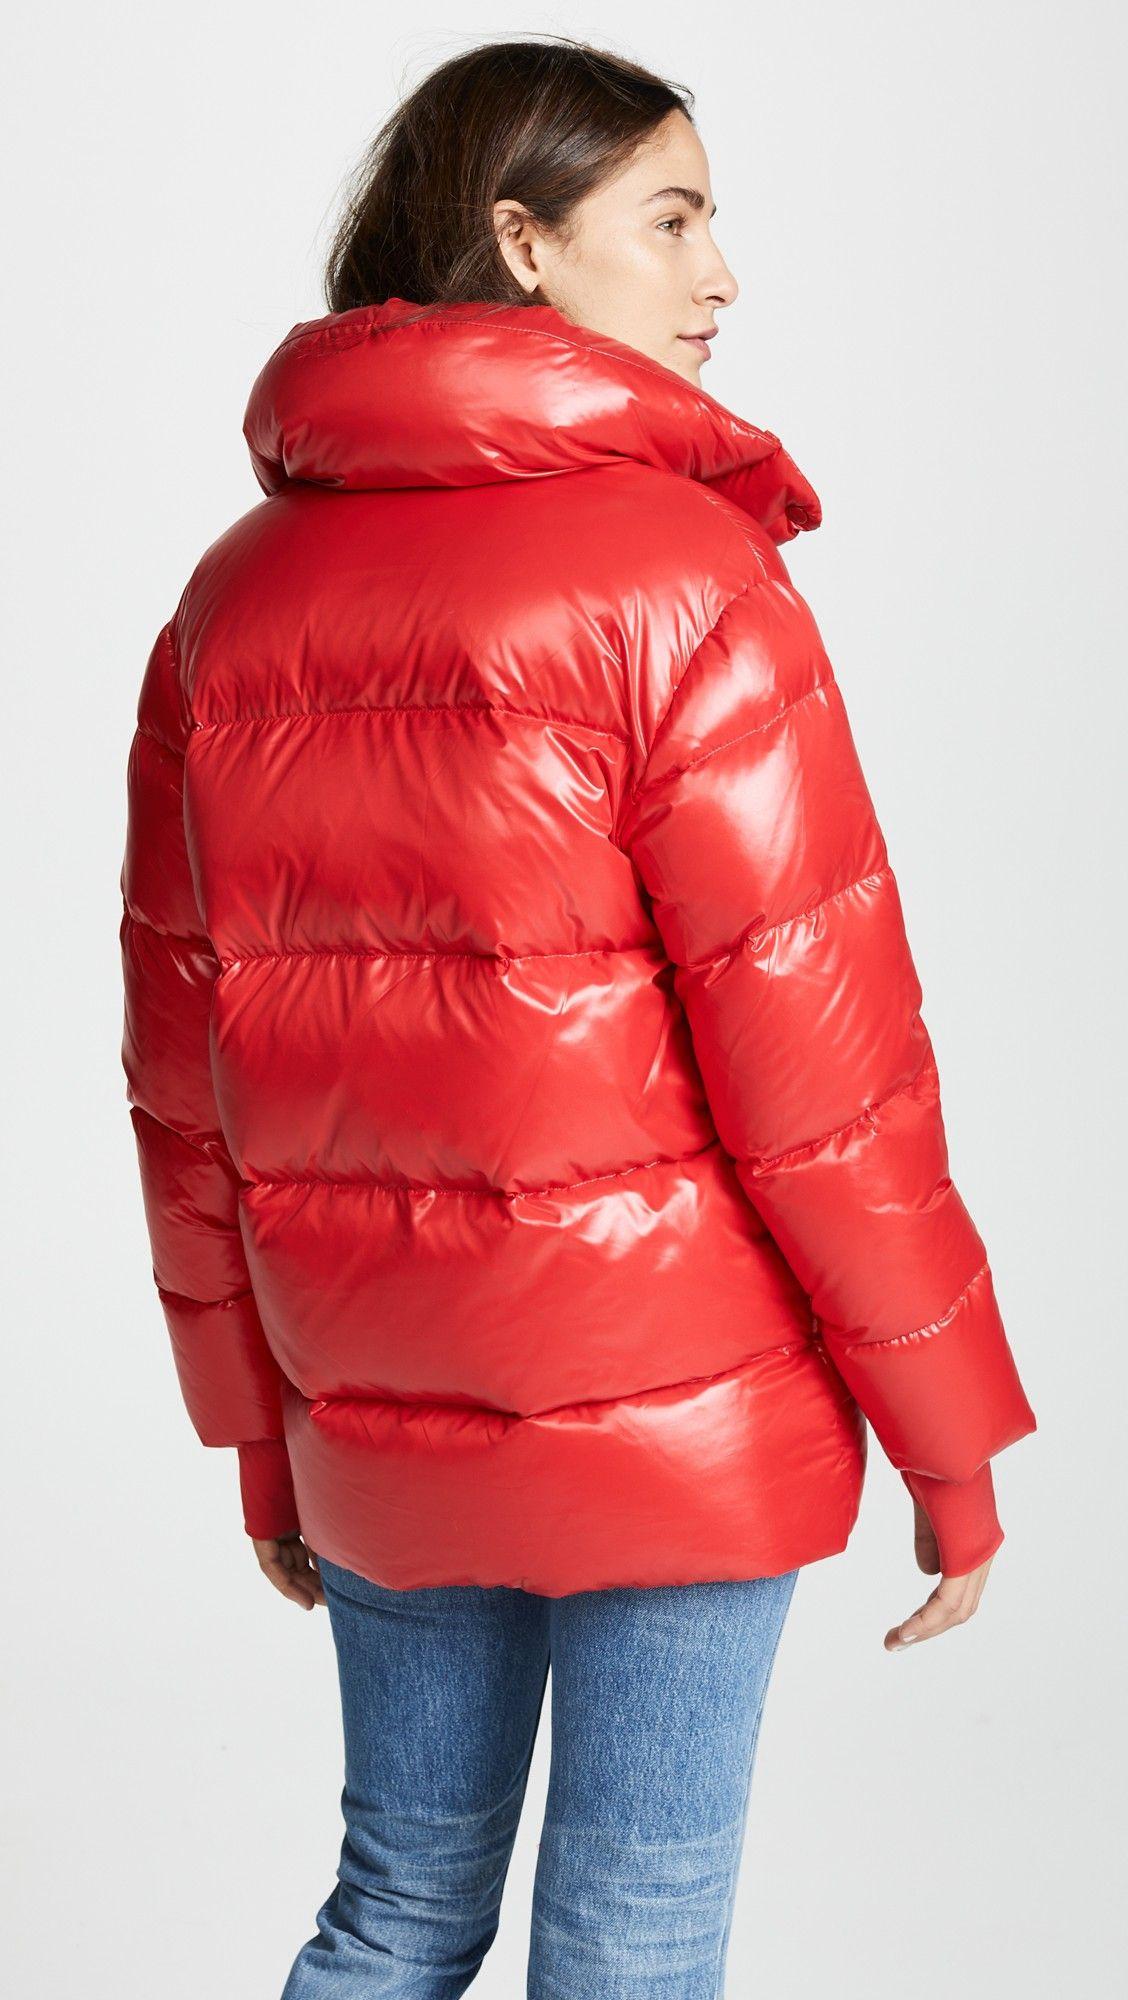 Sam Zoe Down Jacket 15 Off 1st App Order Use Code 15foryou Puffer Jacket Women Women Outerwear Jacket Down Jacket [ 2000 x 1128 Pixel ]